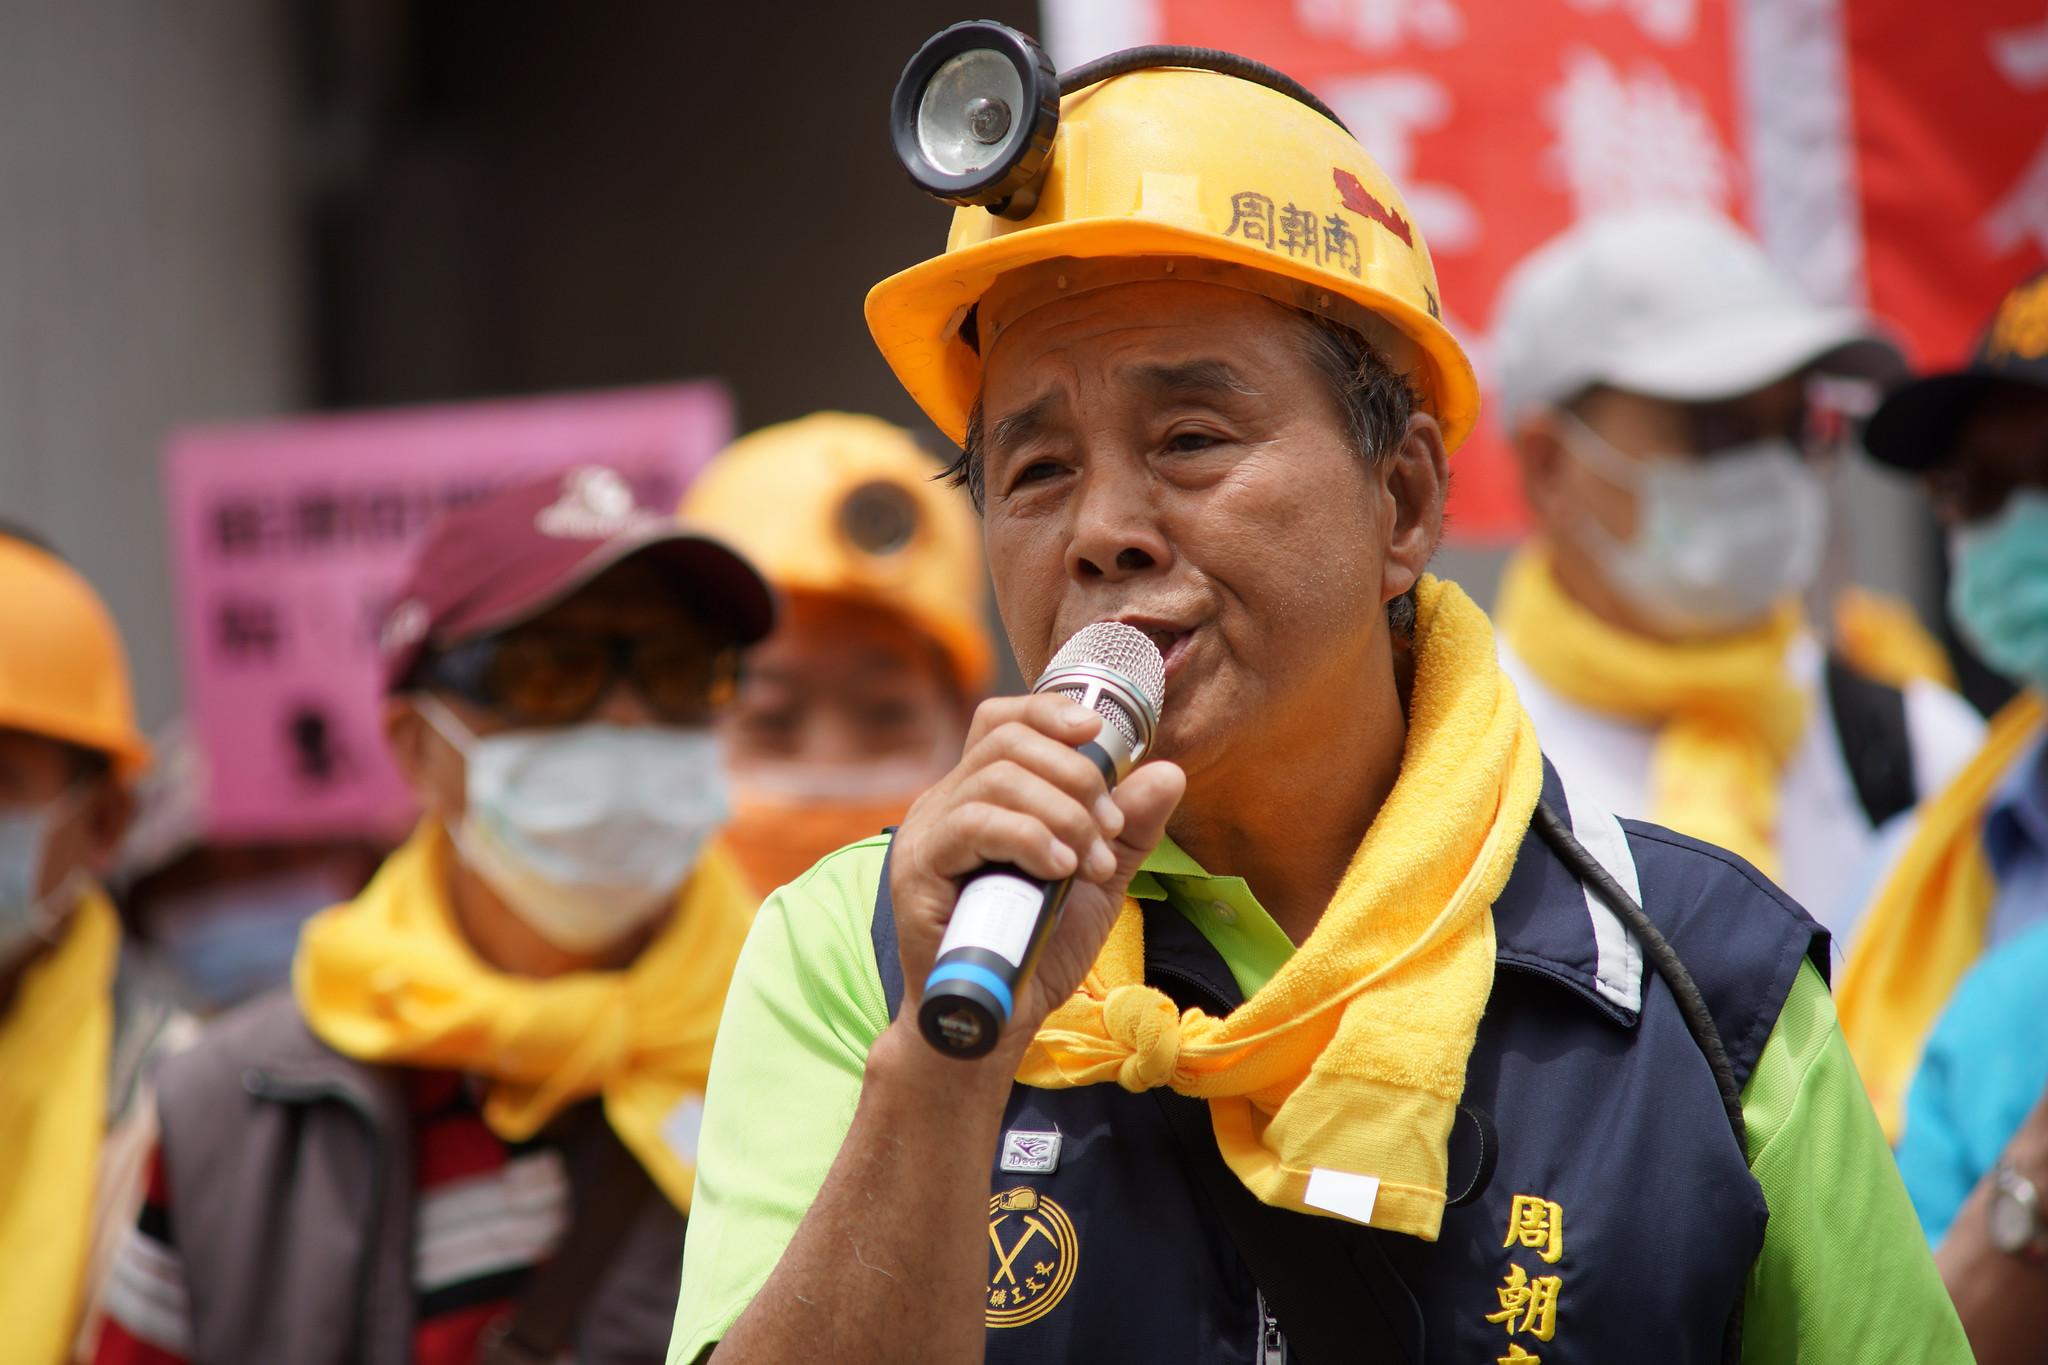 老礦工周朝南表示,在過去能源匱乏的年代,礦工用一輩子的生命和血淚換來台灣的經濟穩定,如今垂垂老矣需要政府照顧。(攝影:王顥中)